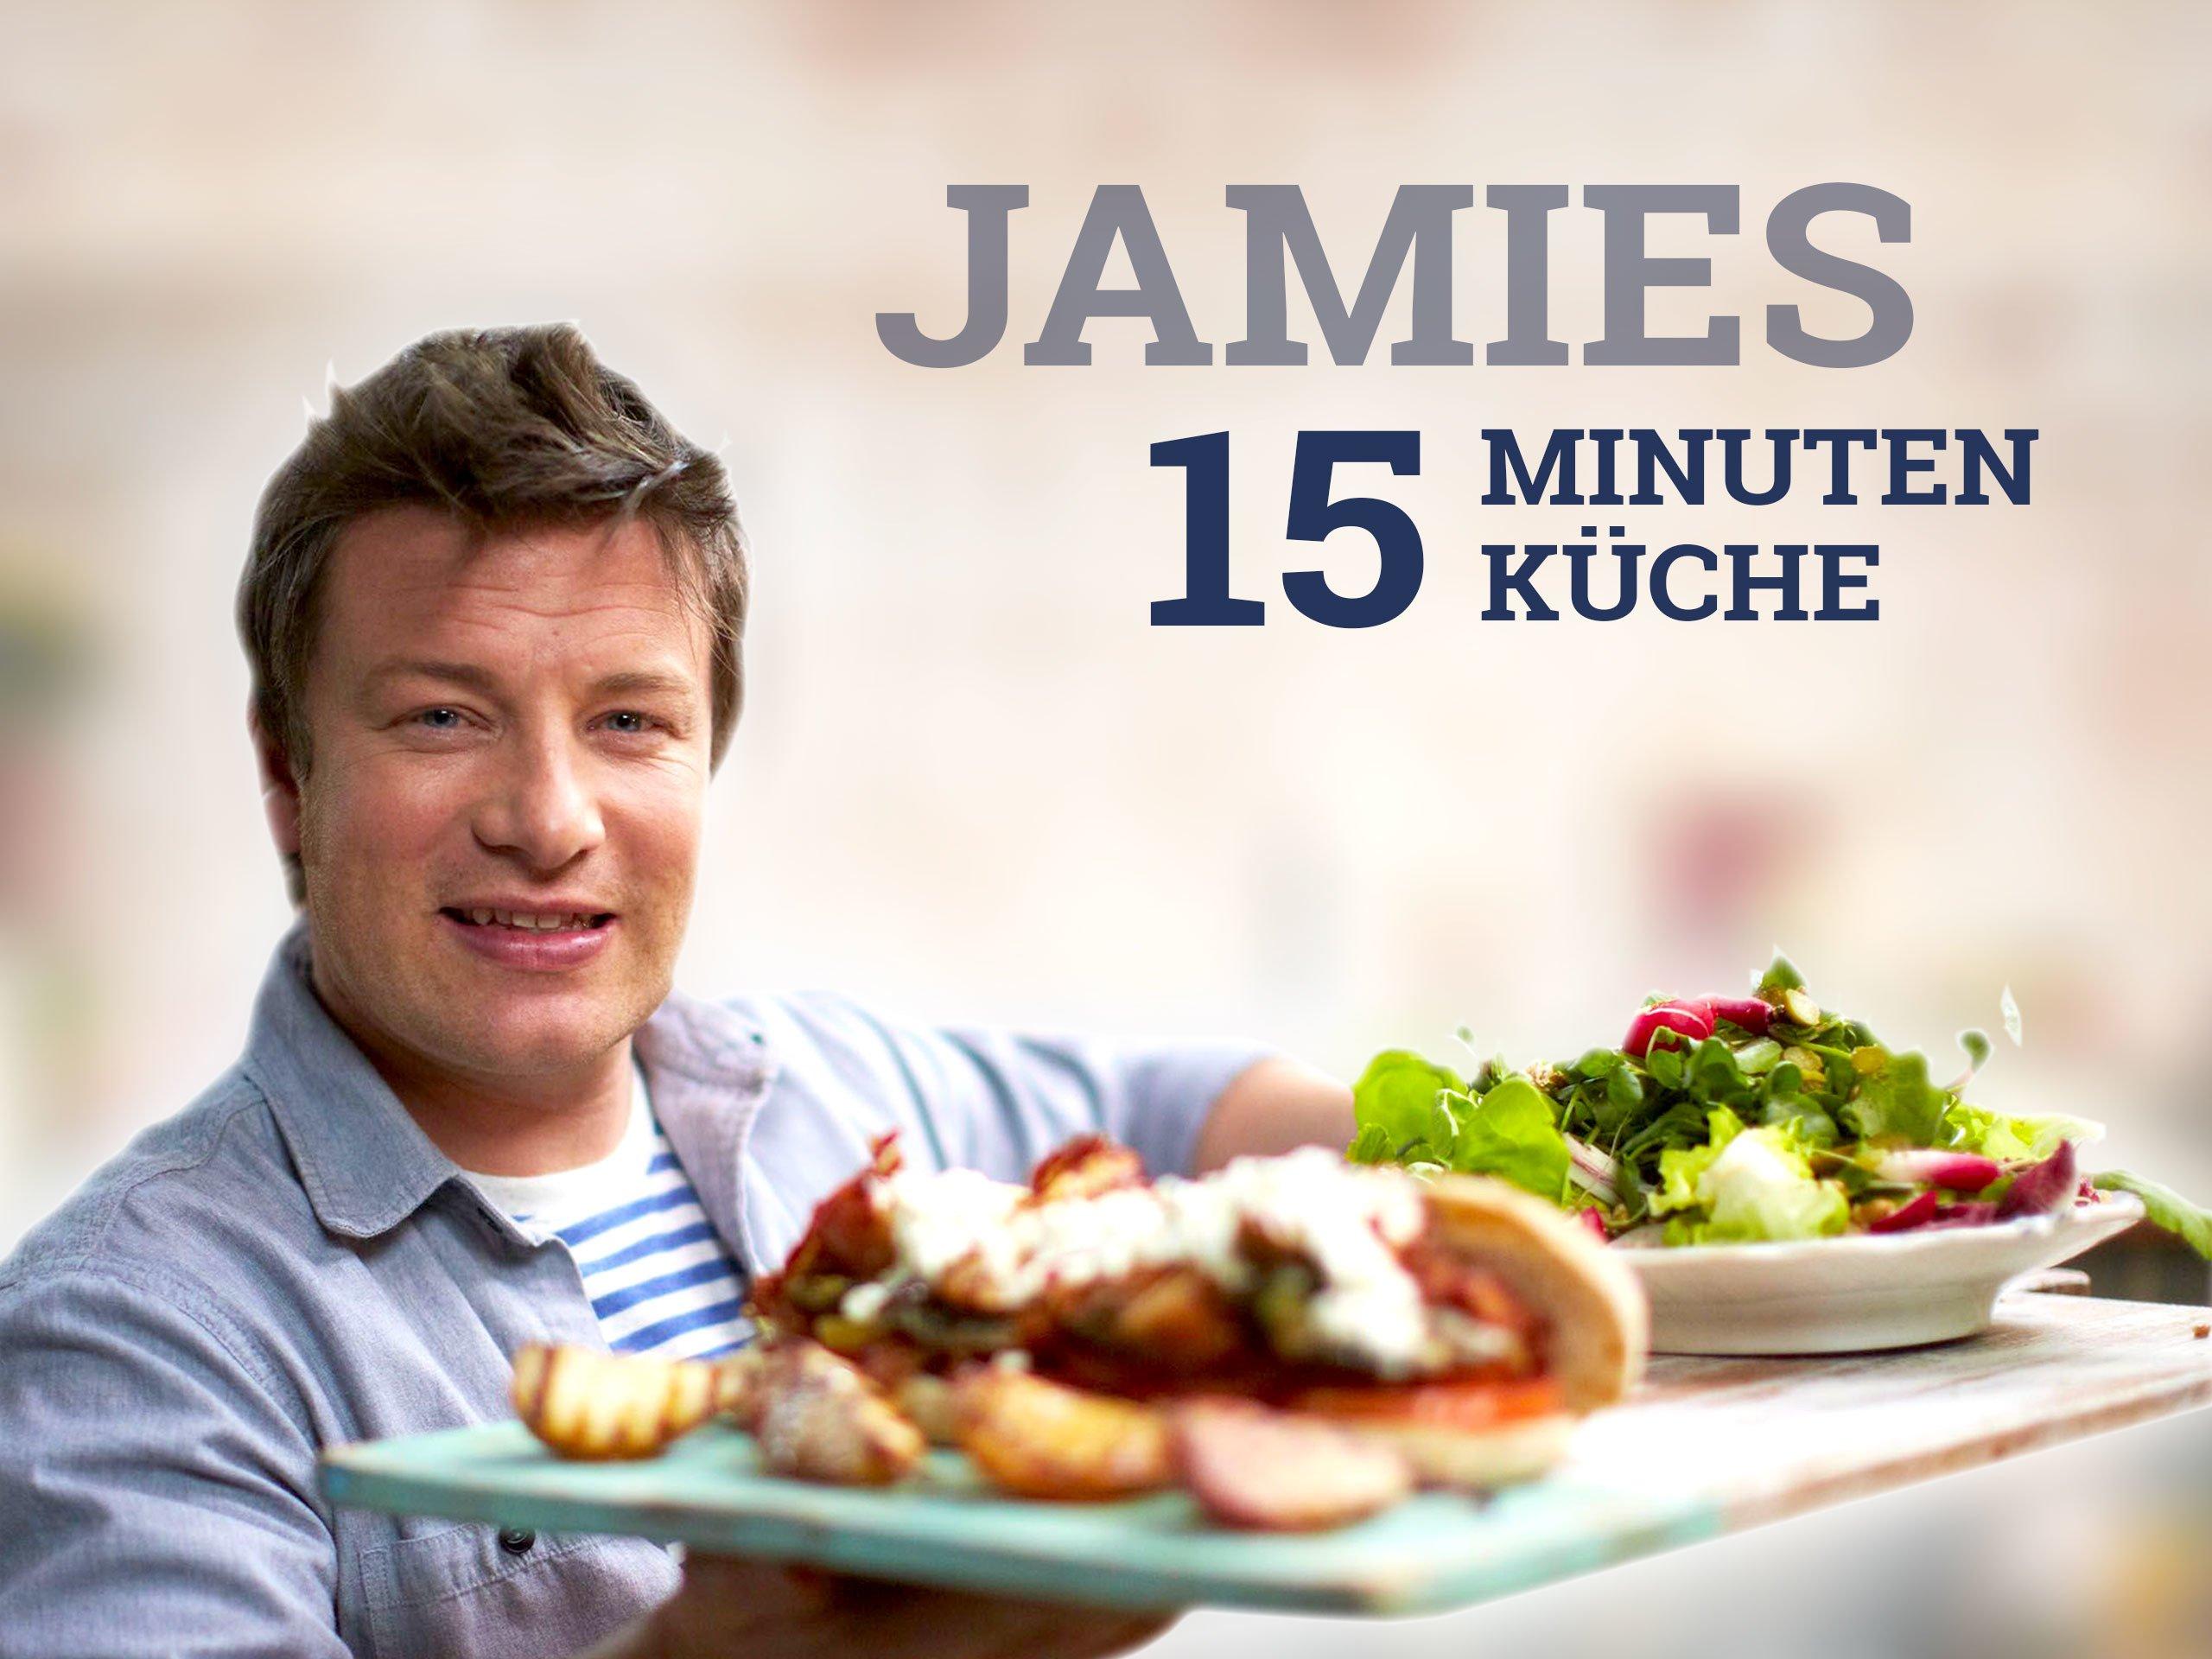 Amazonde Jamies 15 Minuten Küche Ansehen Prime Video